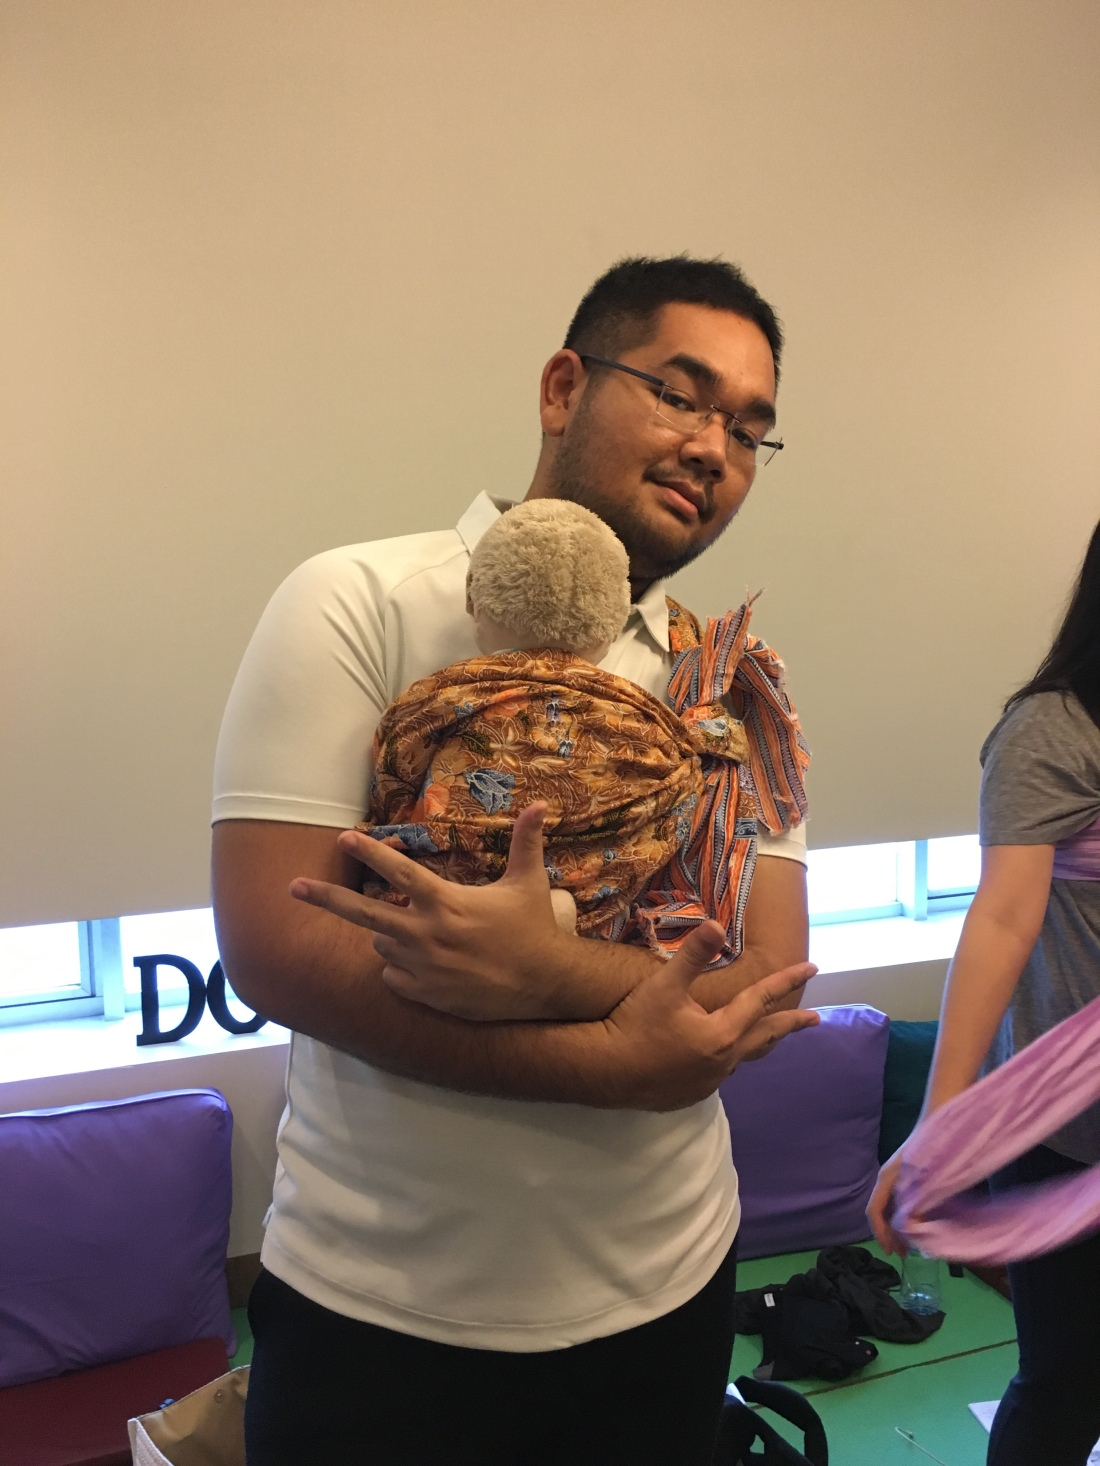 Praktik menggendong bayi